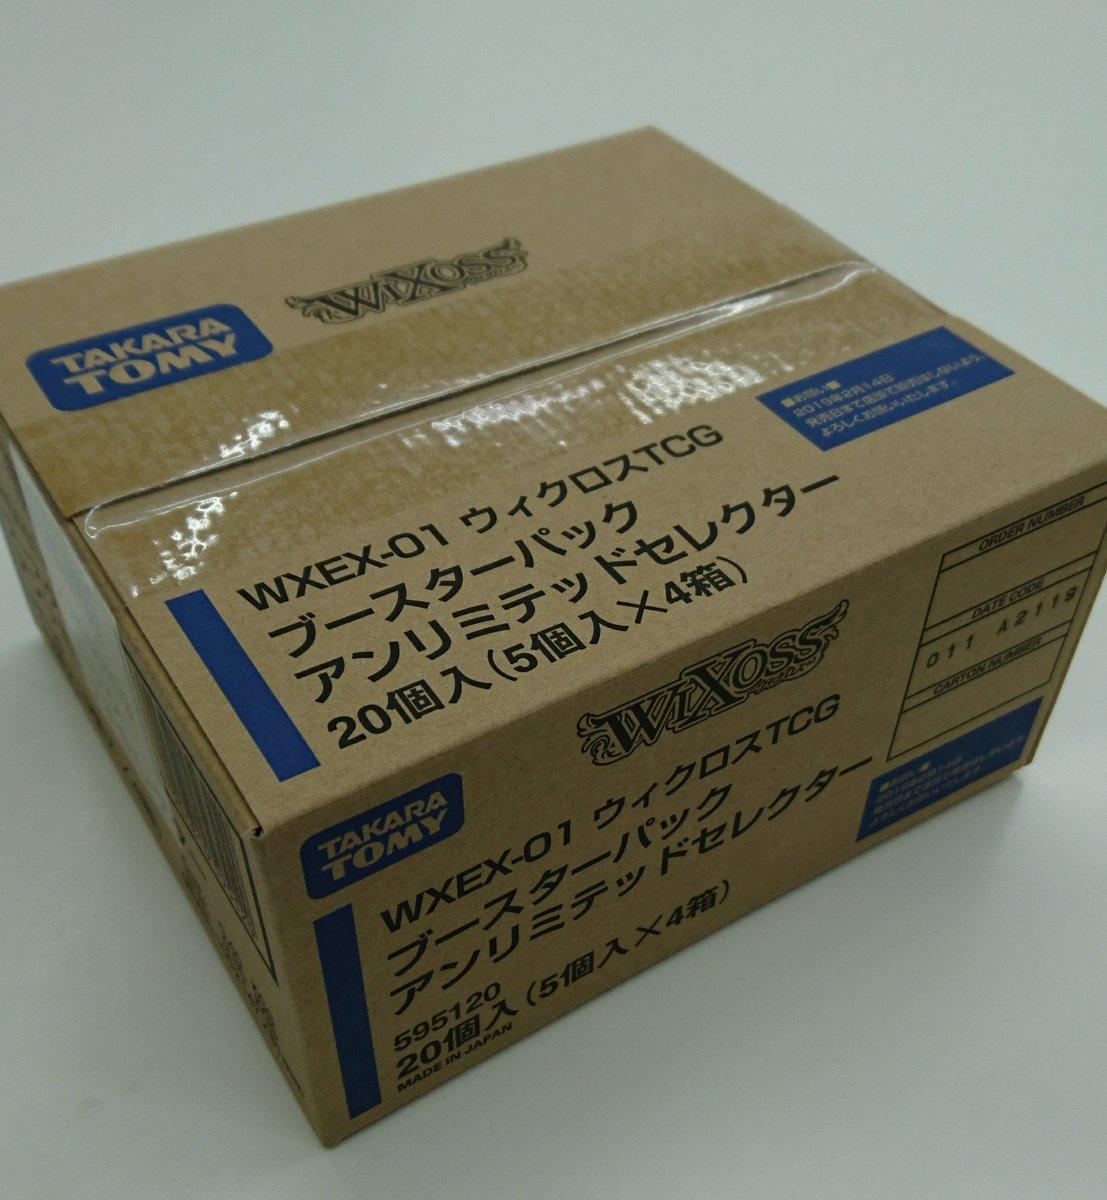 ウィクロス WX-EX01 TCG ブースターパック アンリミテッドセレクター カートンに関する画像8